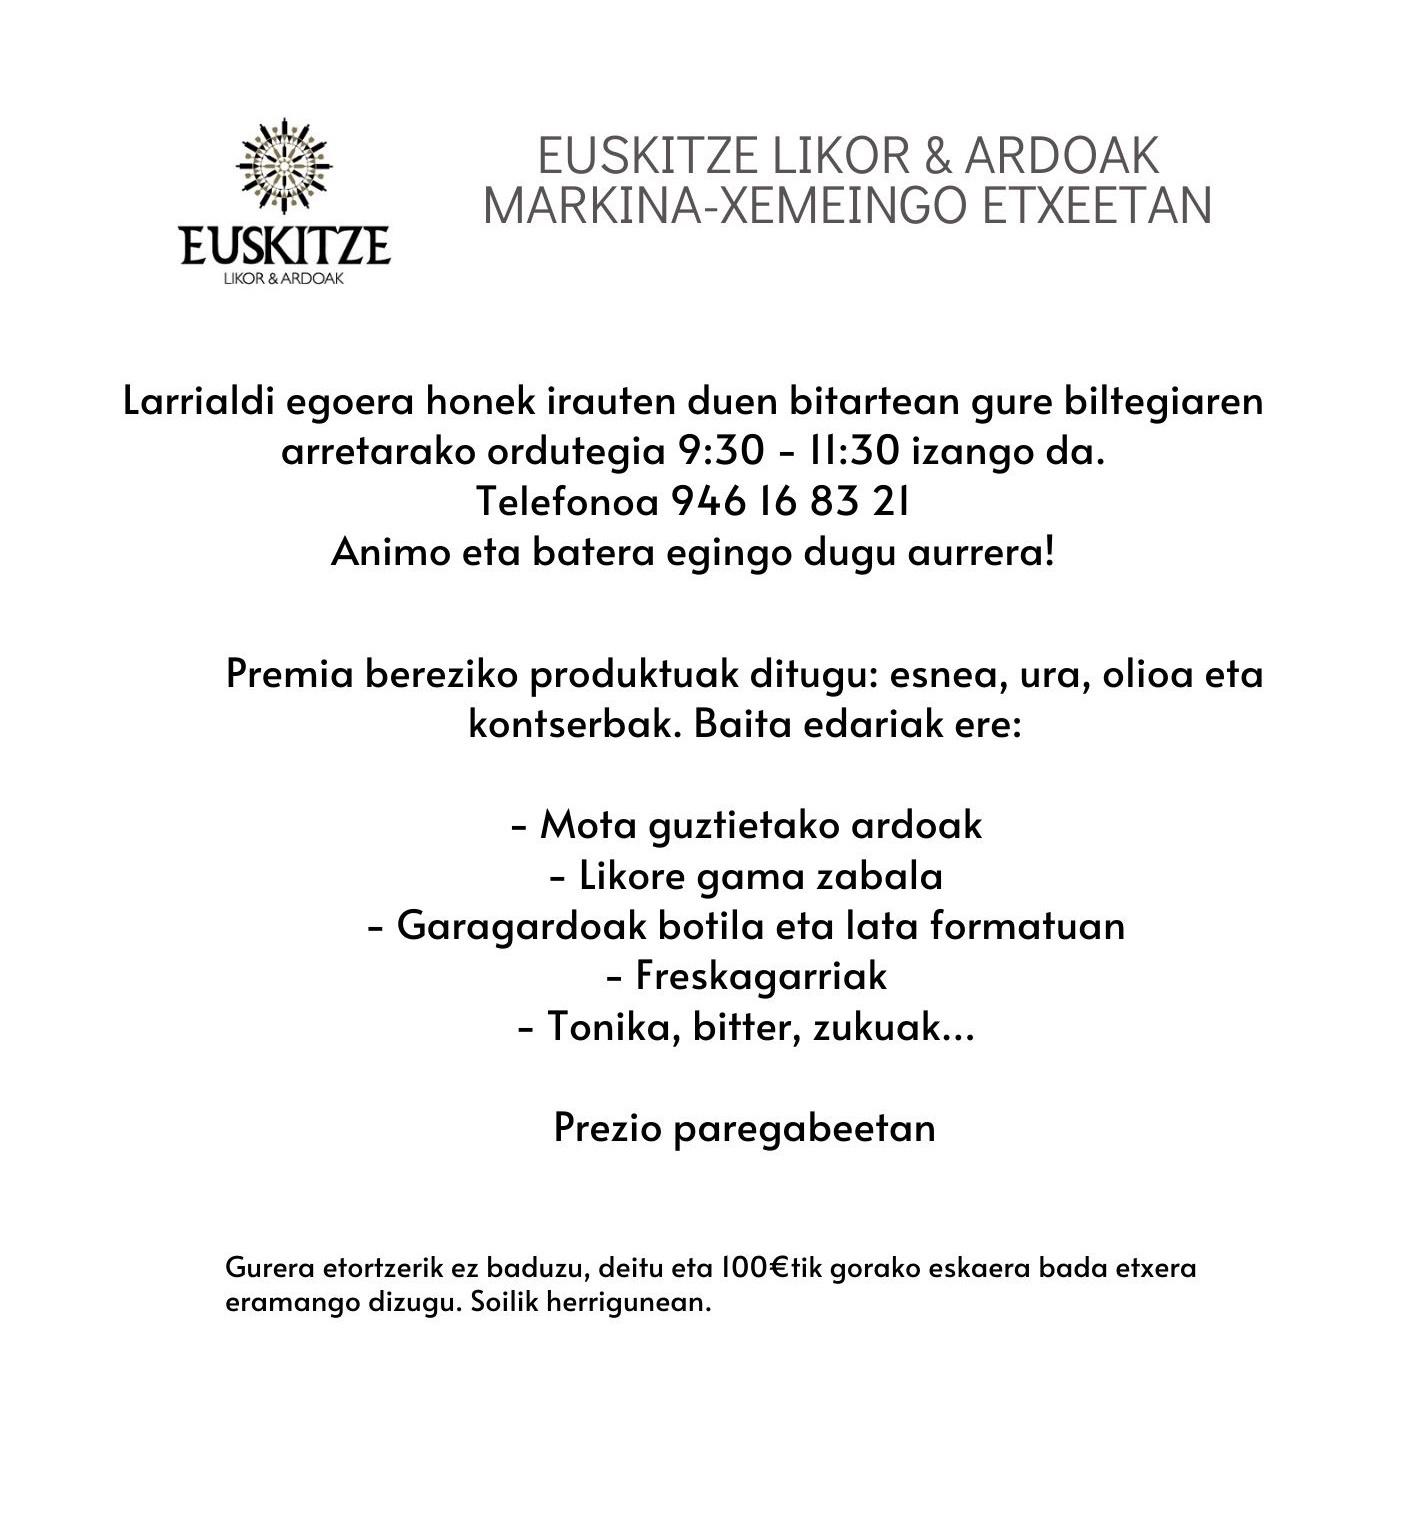 EUSKITZE LIKOR & ARDOAK MARKINAKO ETXEETAN